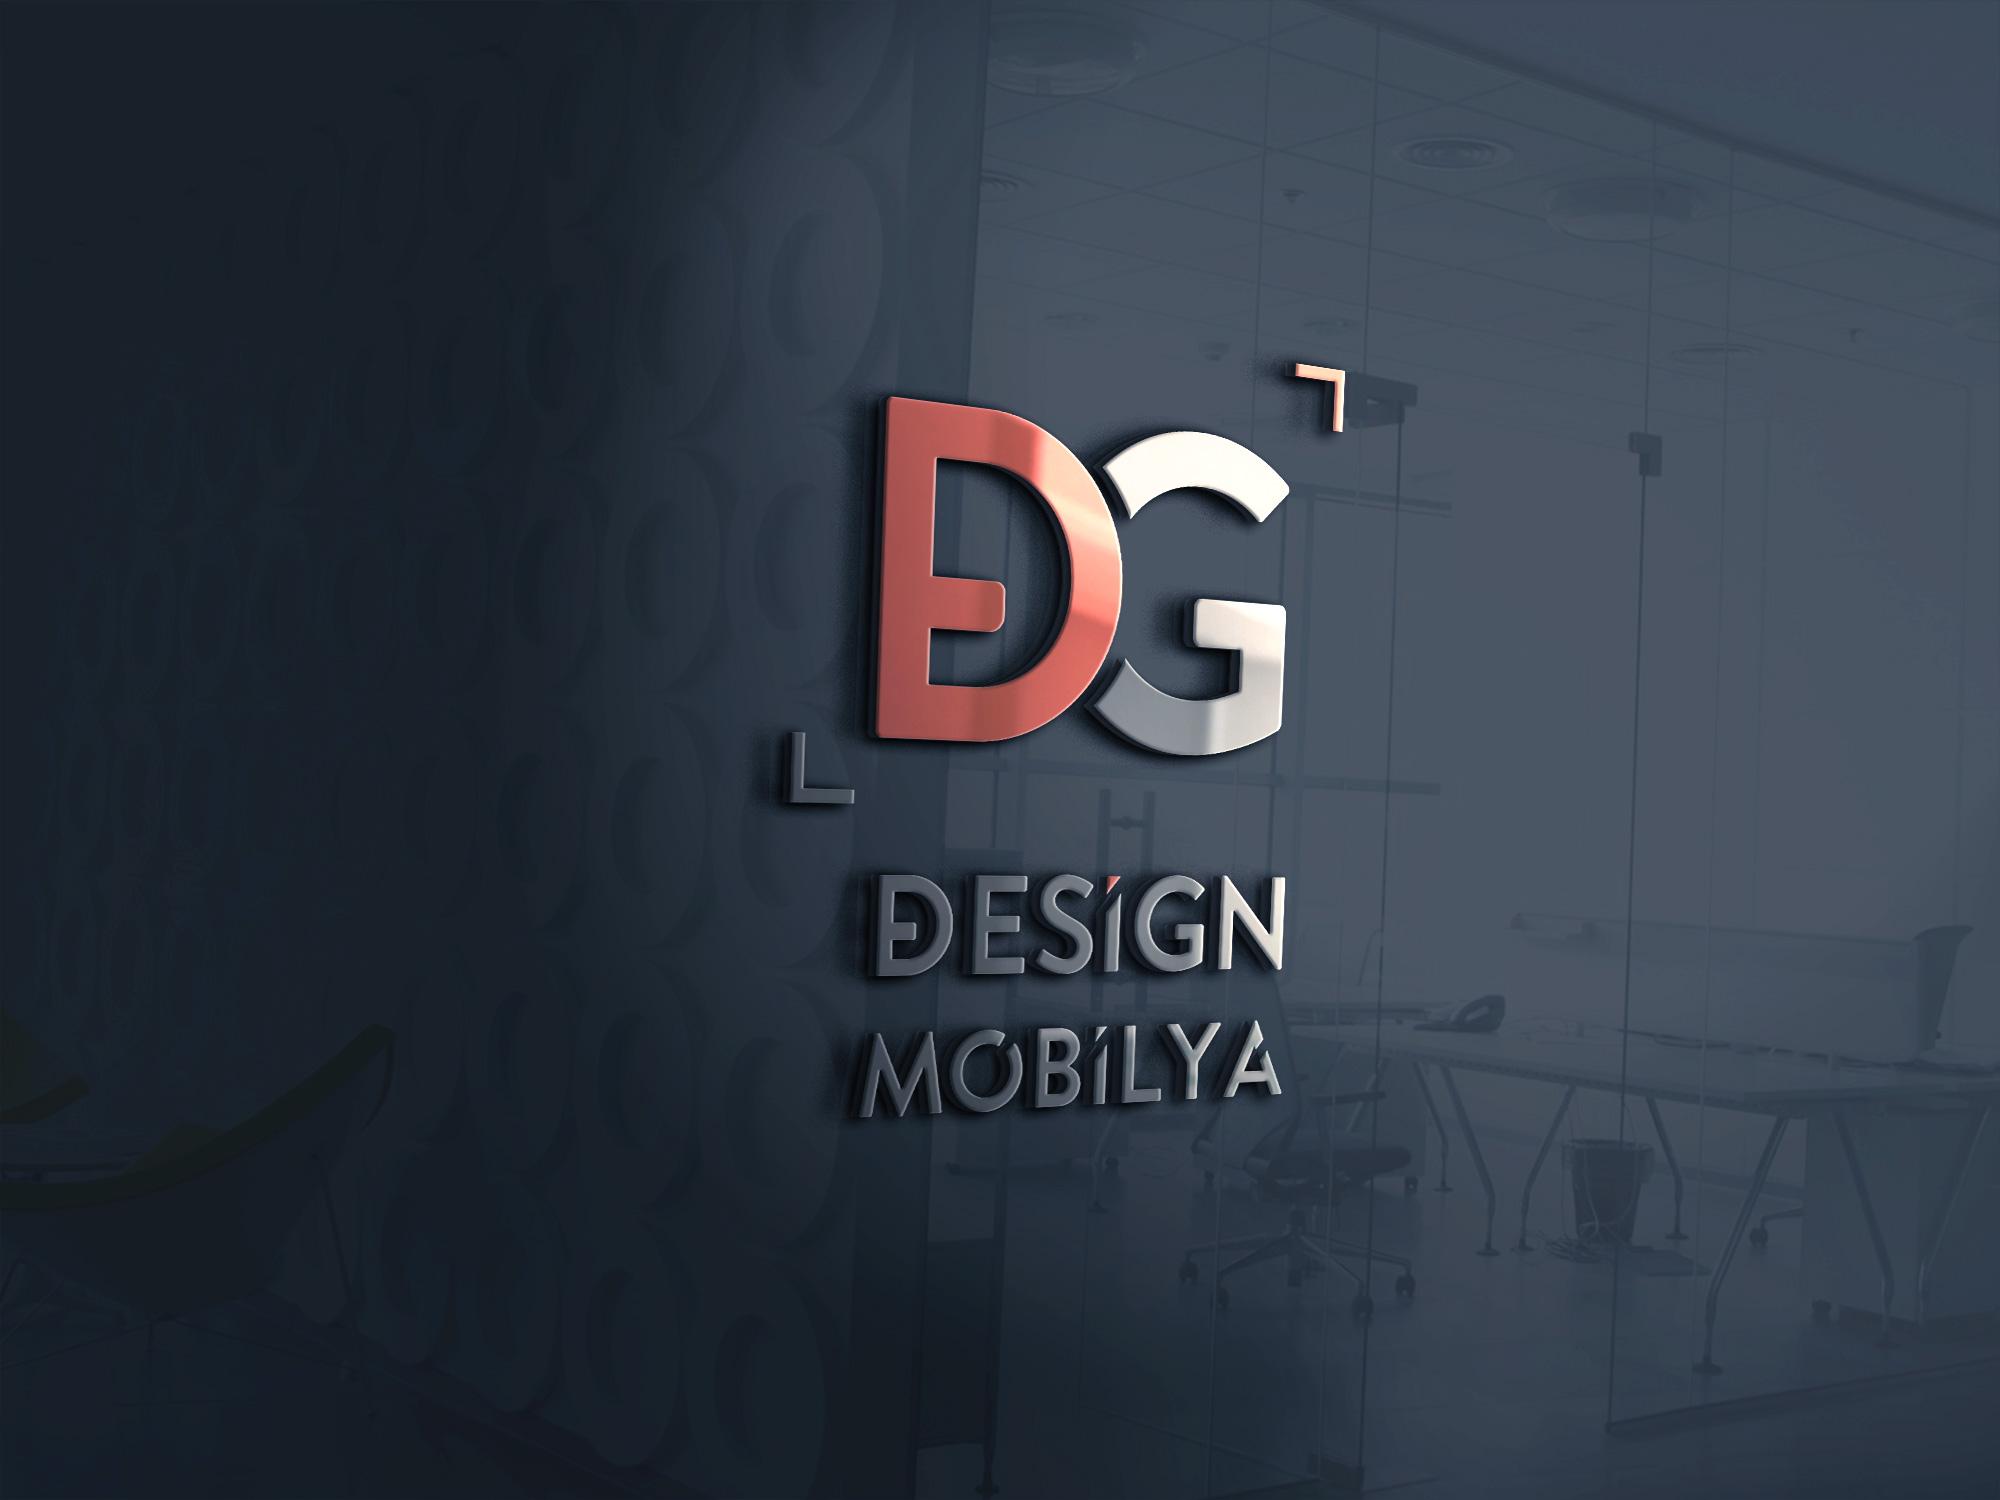 dg design dikey - Neler Yaptık?